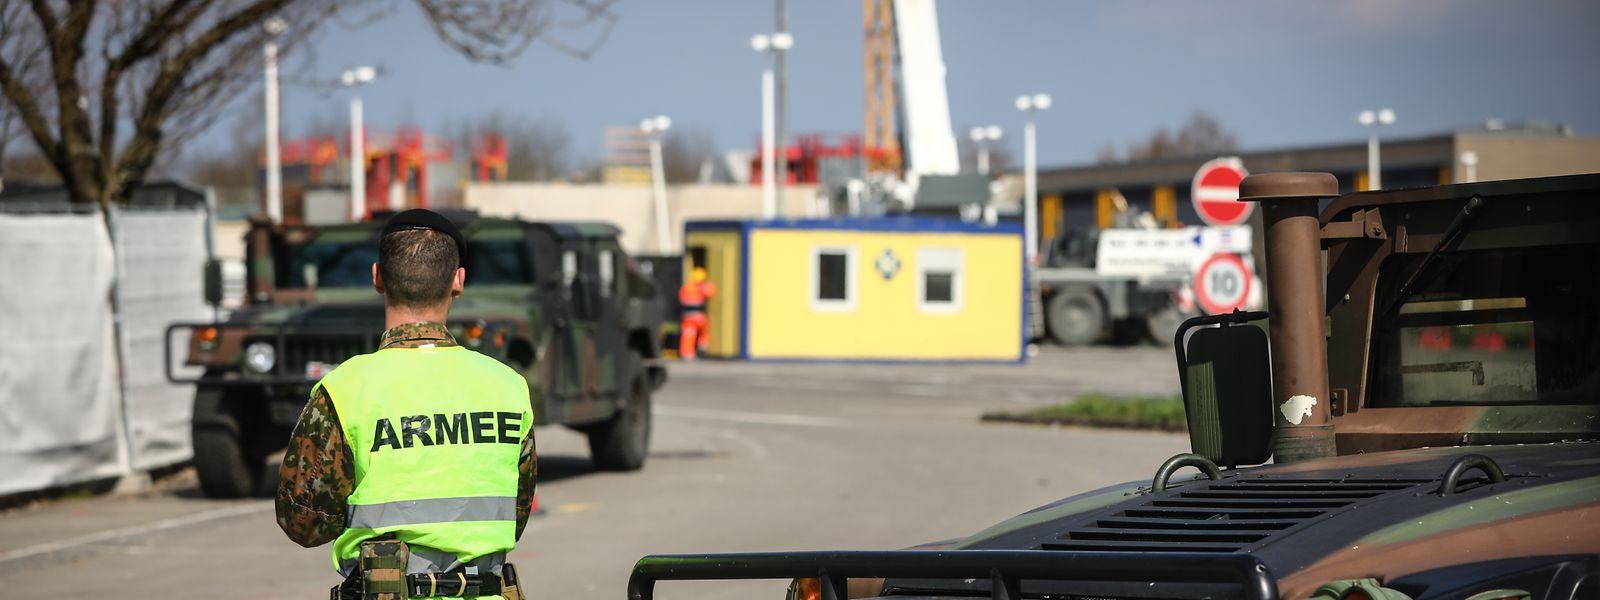 Beim CHL in Strassen wird ein provisorisches Krankenhaus errichtet.